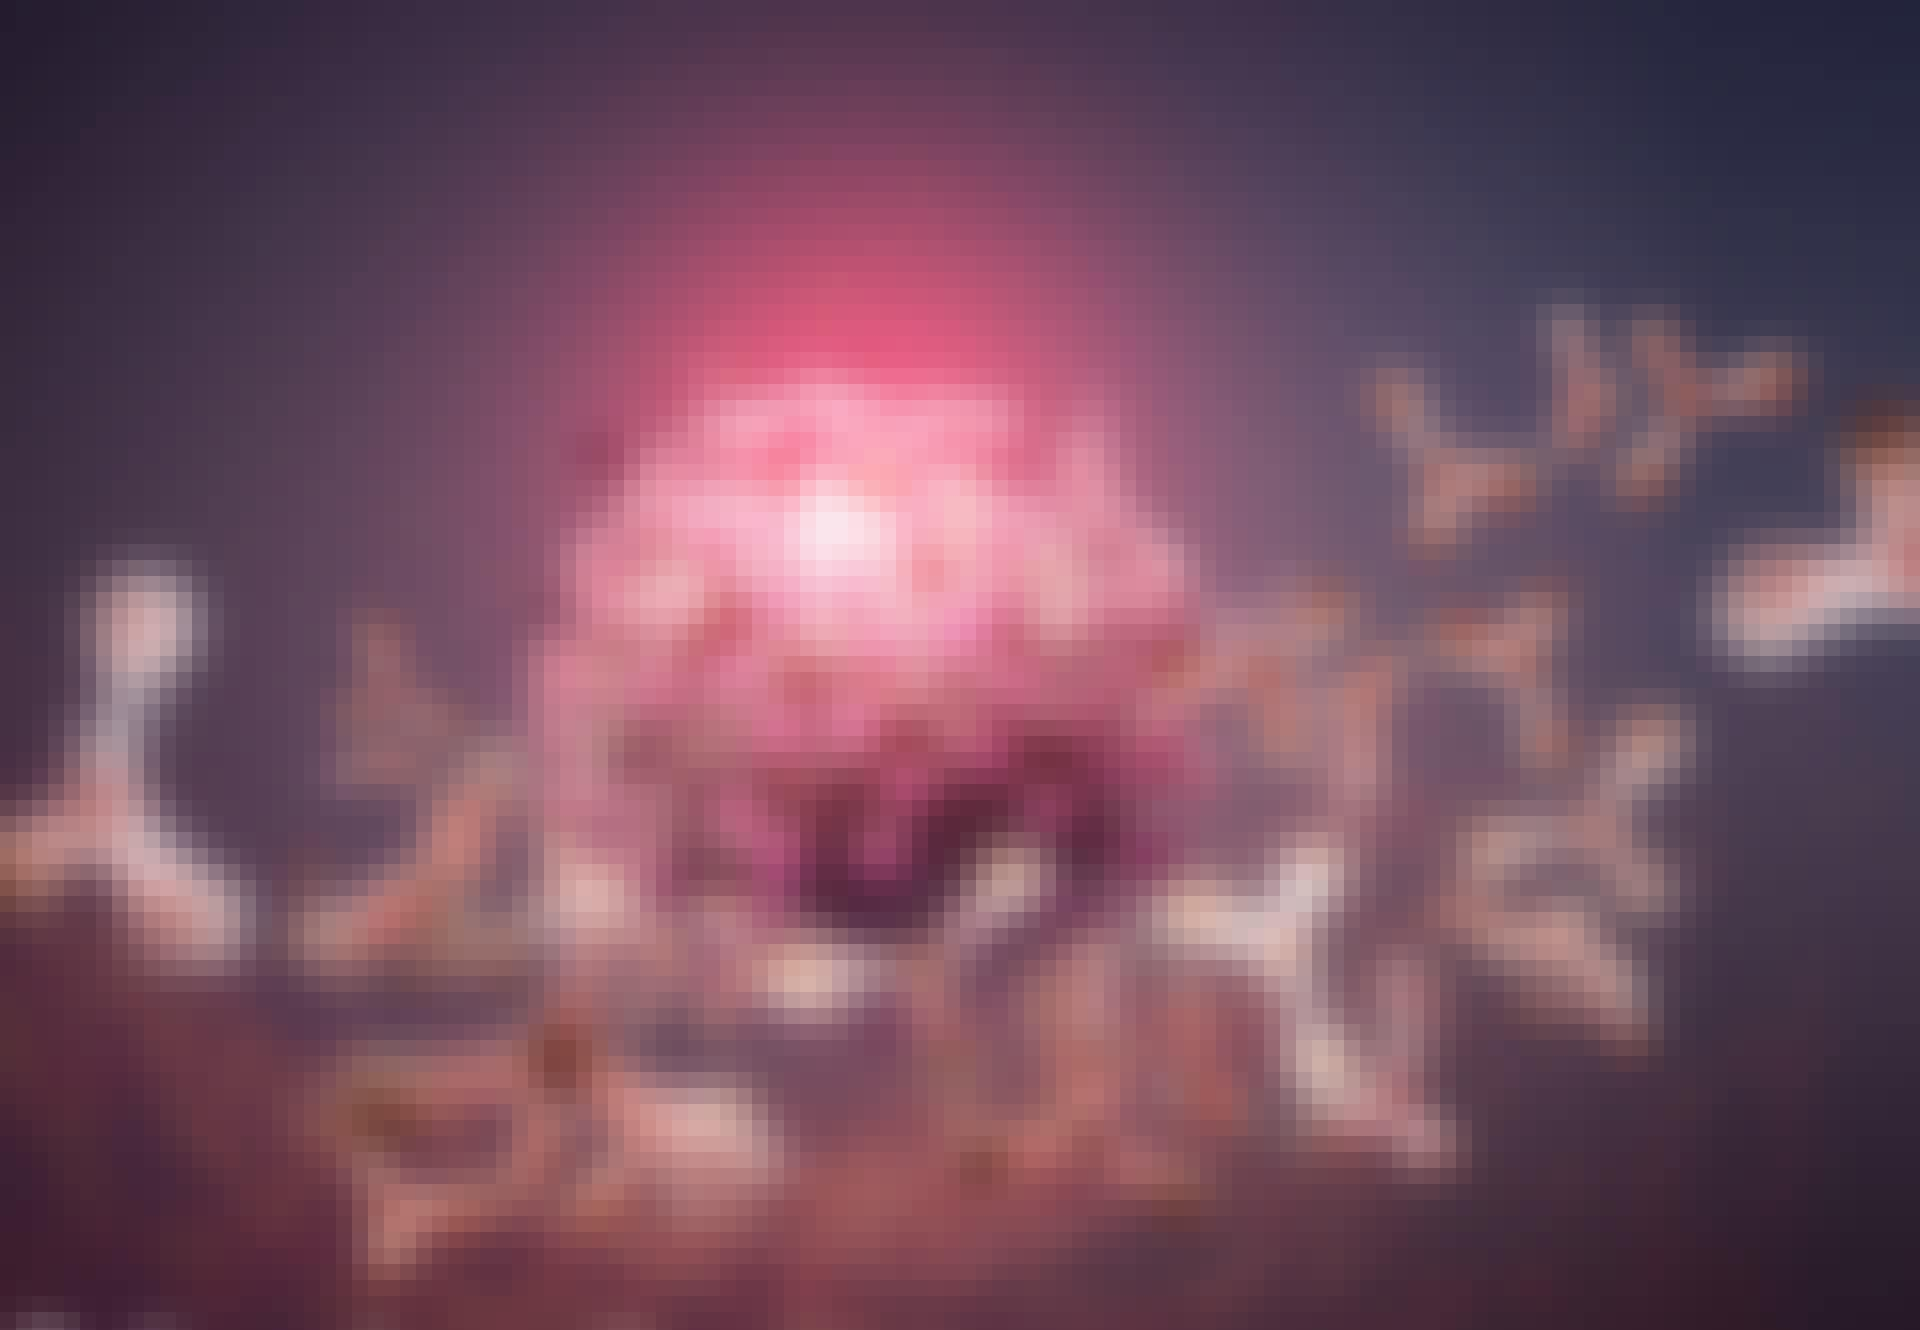 Vasta-aineet hyökkäävät koronaviruksen kimppuun